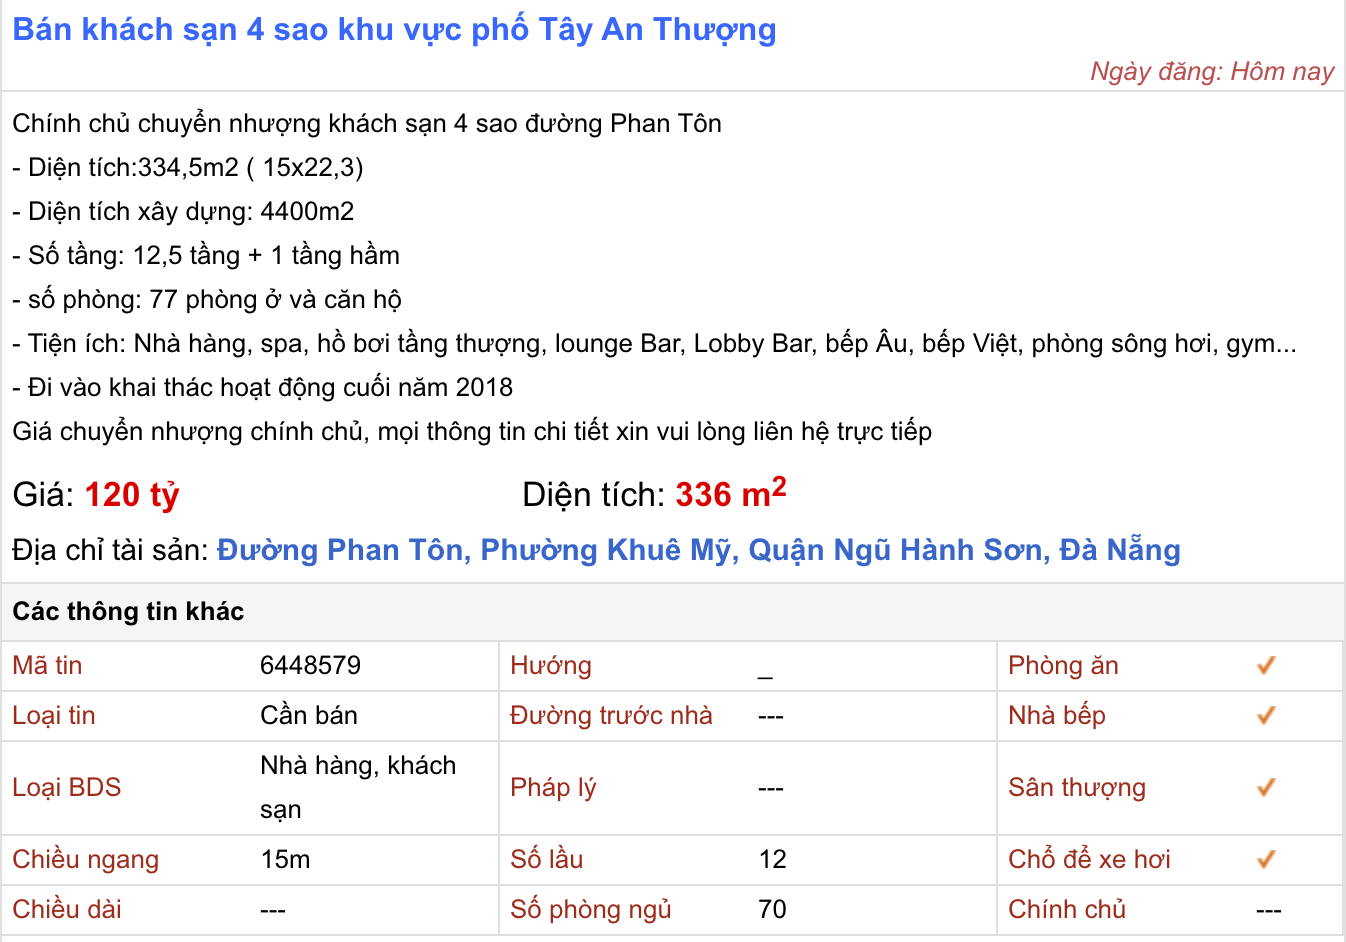 'Cú đấm bồi' COVID-19 khiến khách sạn 4 sao ở Đà Nẵng cũng rao bán - Ảnh 2.